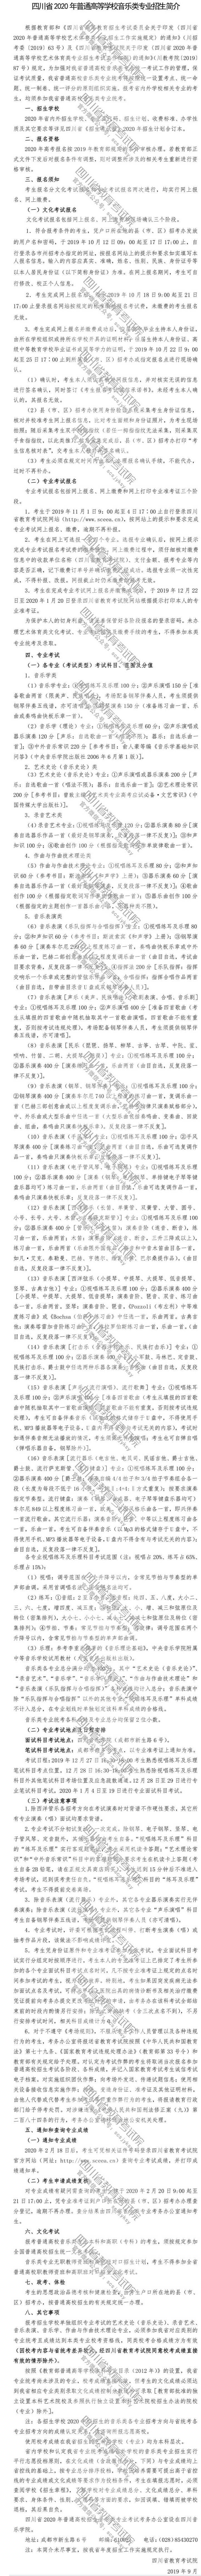 四川省发布2020年普通高等学校音乐类专业招生简章